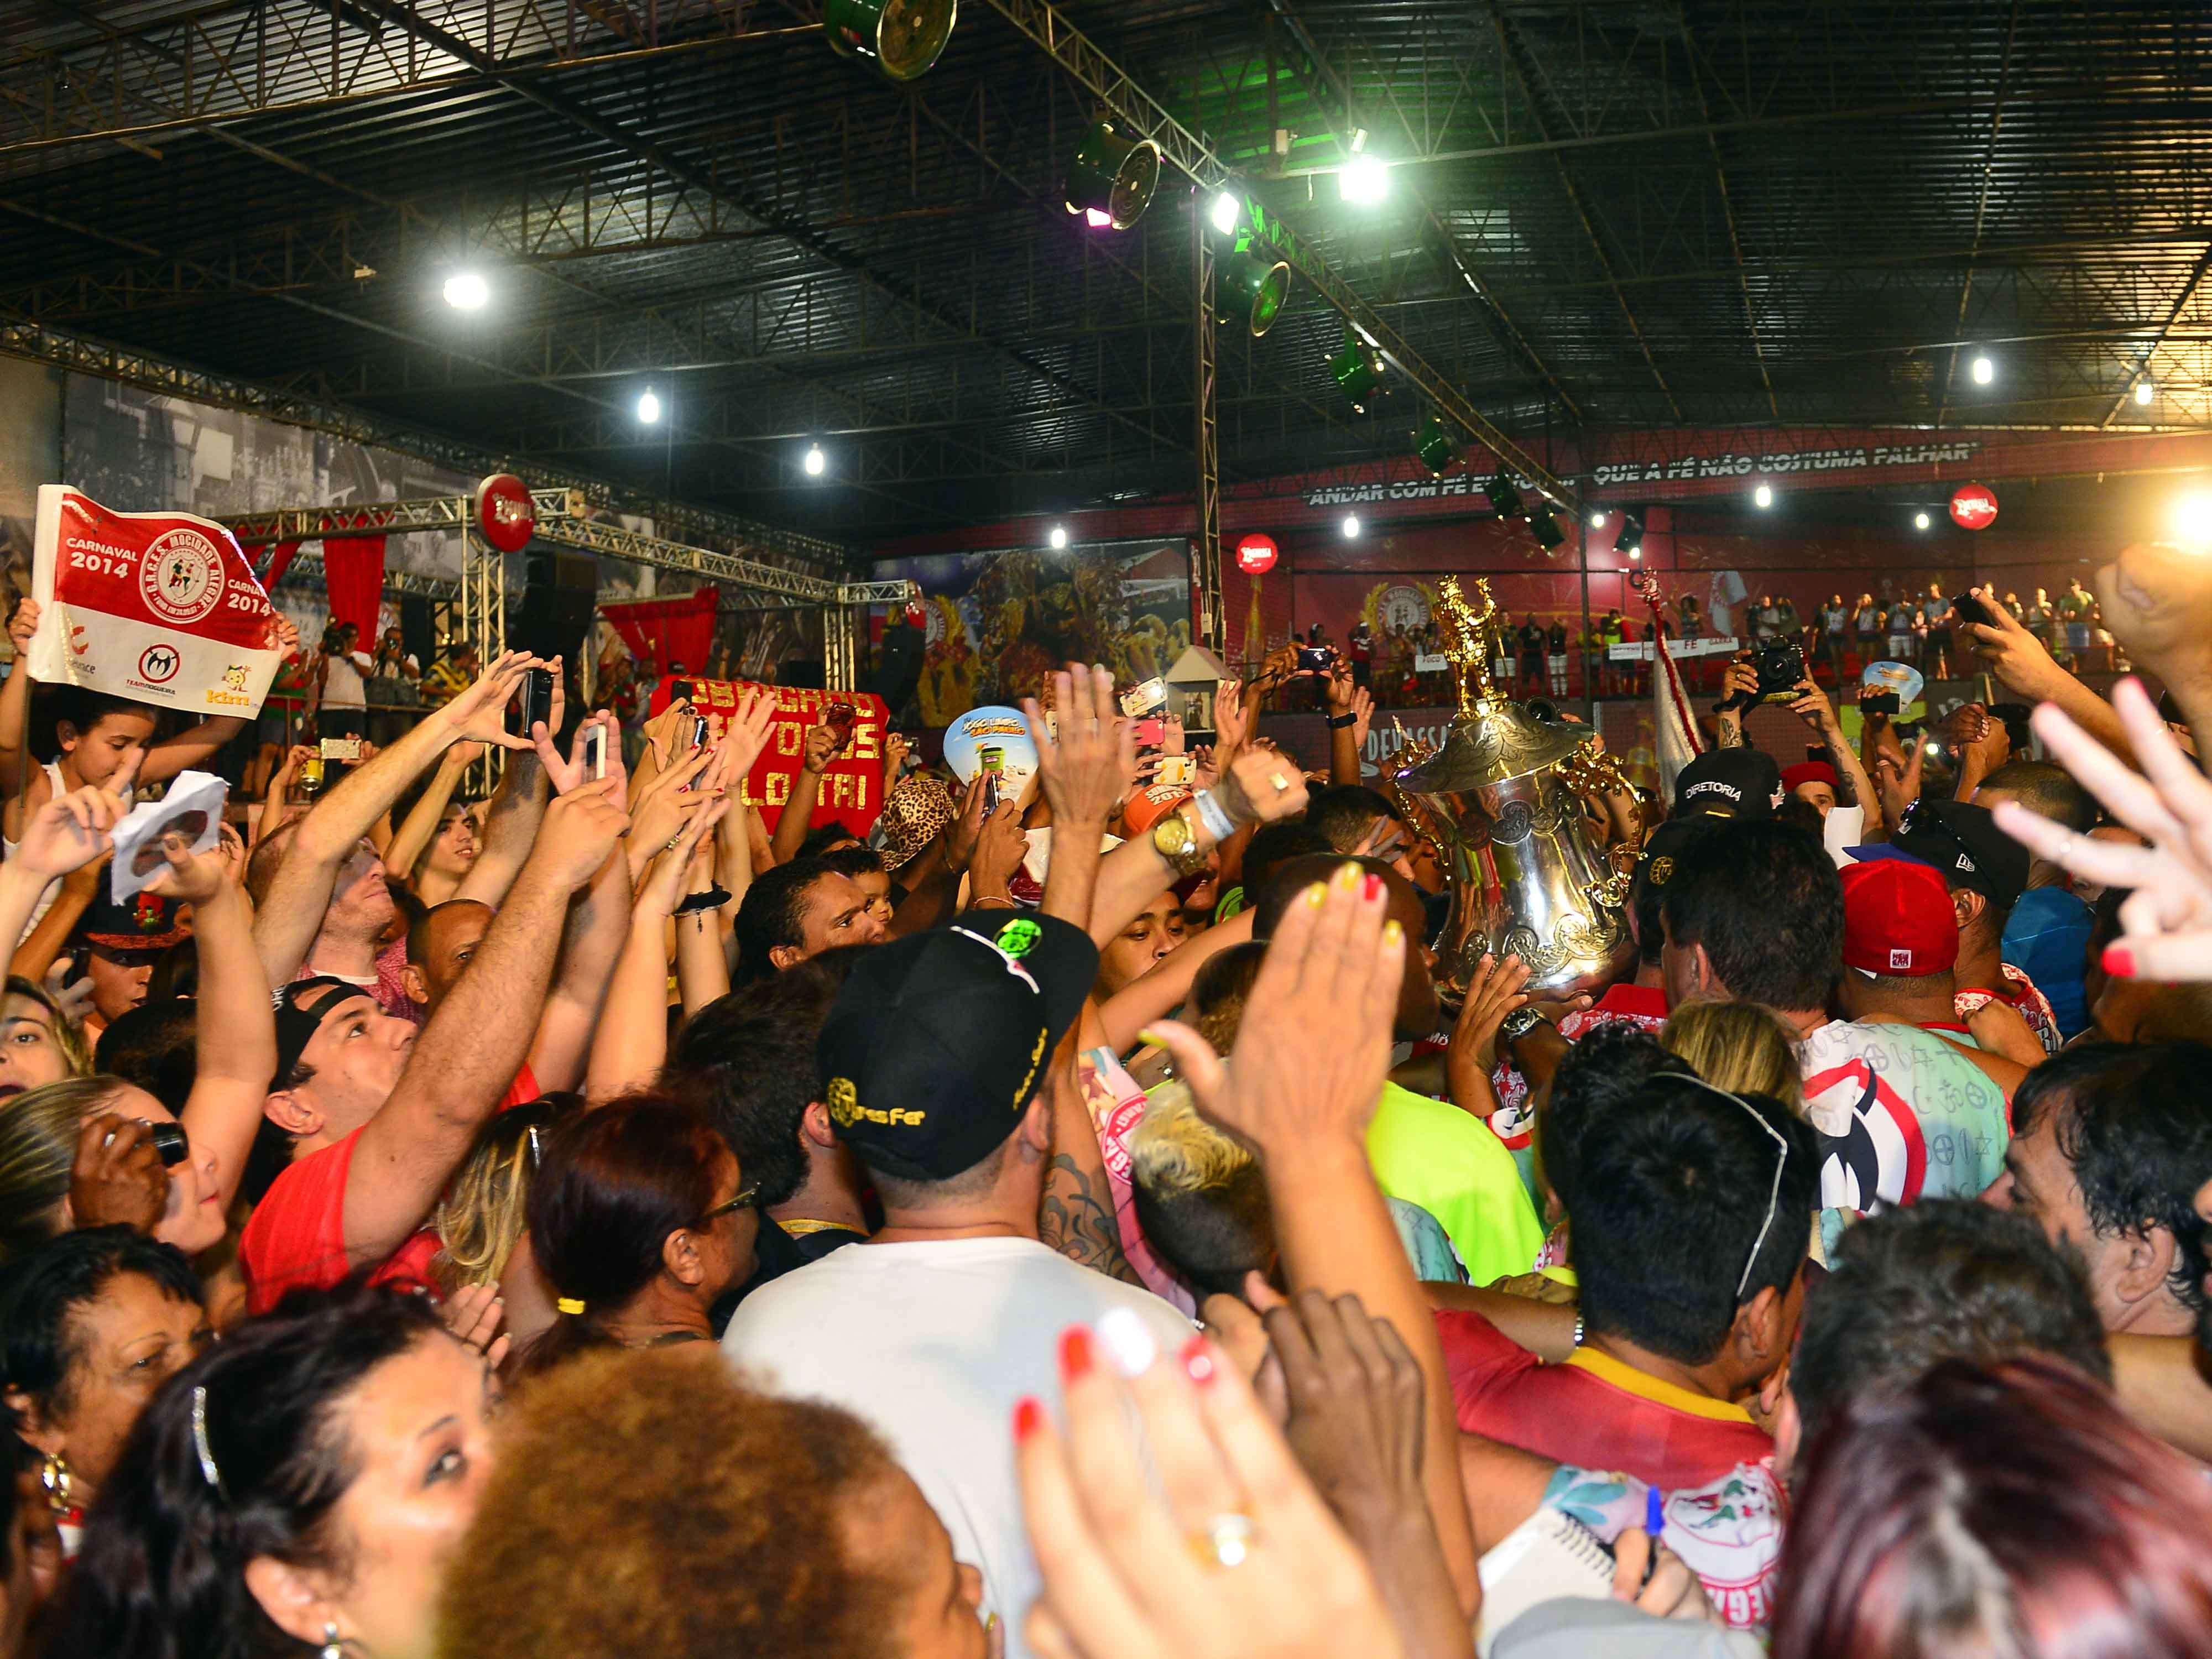 Festa não tem hora para acabar na quadra da Mocidade Alegre, campeã do Carnaval 2014 de São Paulo Foto: Alan Morici/Terra